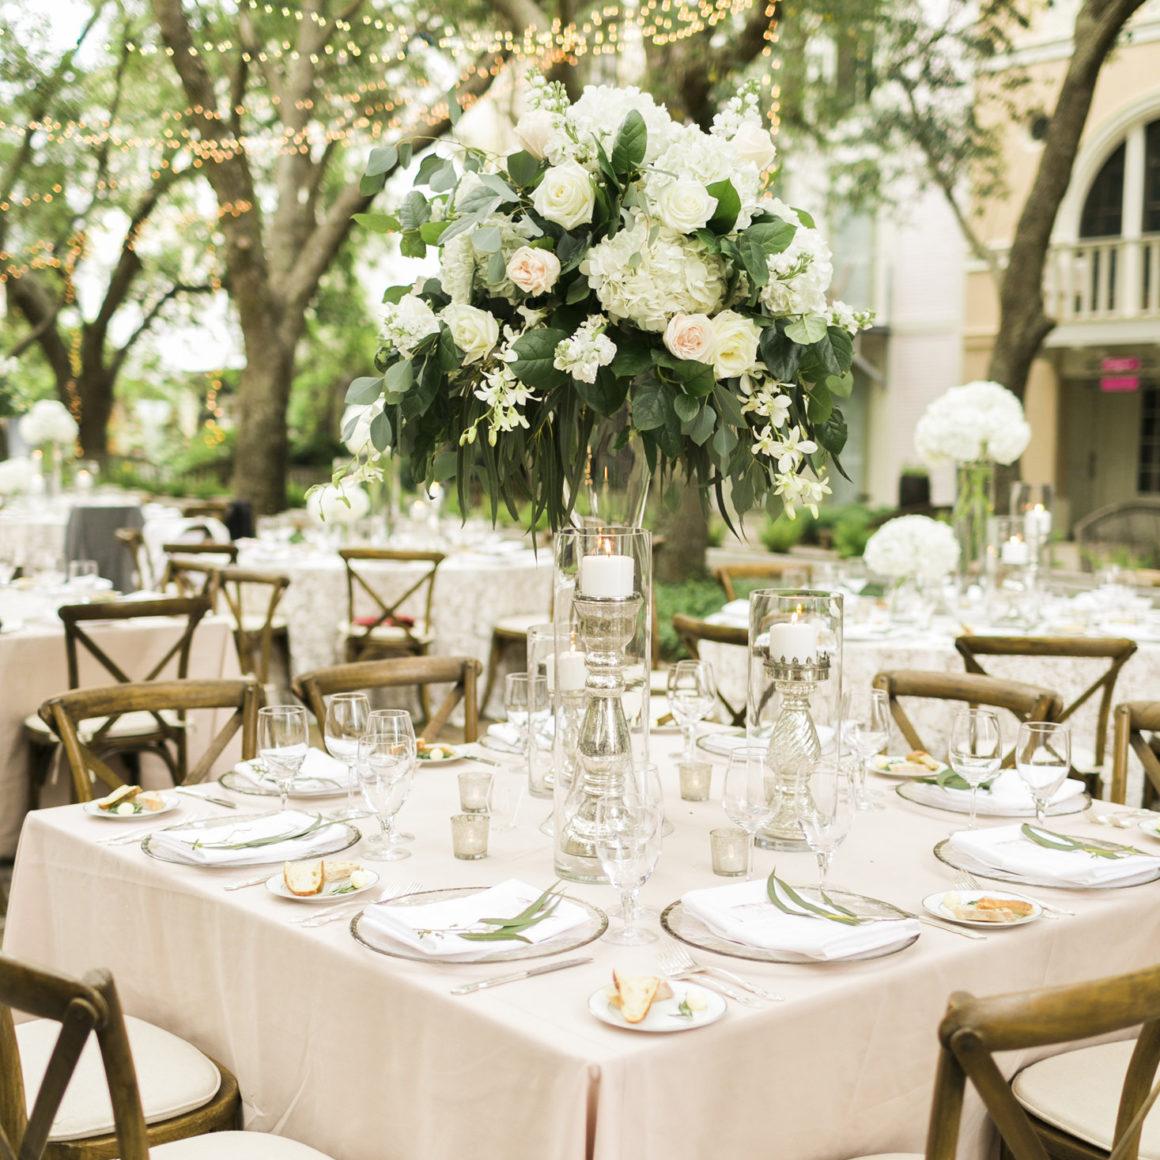 Destin Florida Weddings: 30a Wedding Co. / Destin To Wed